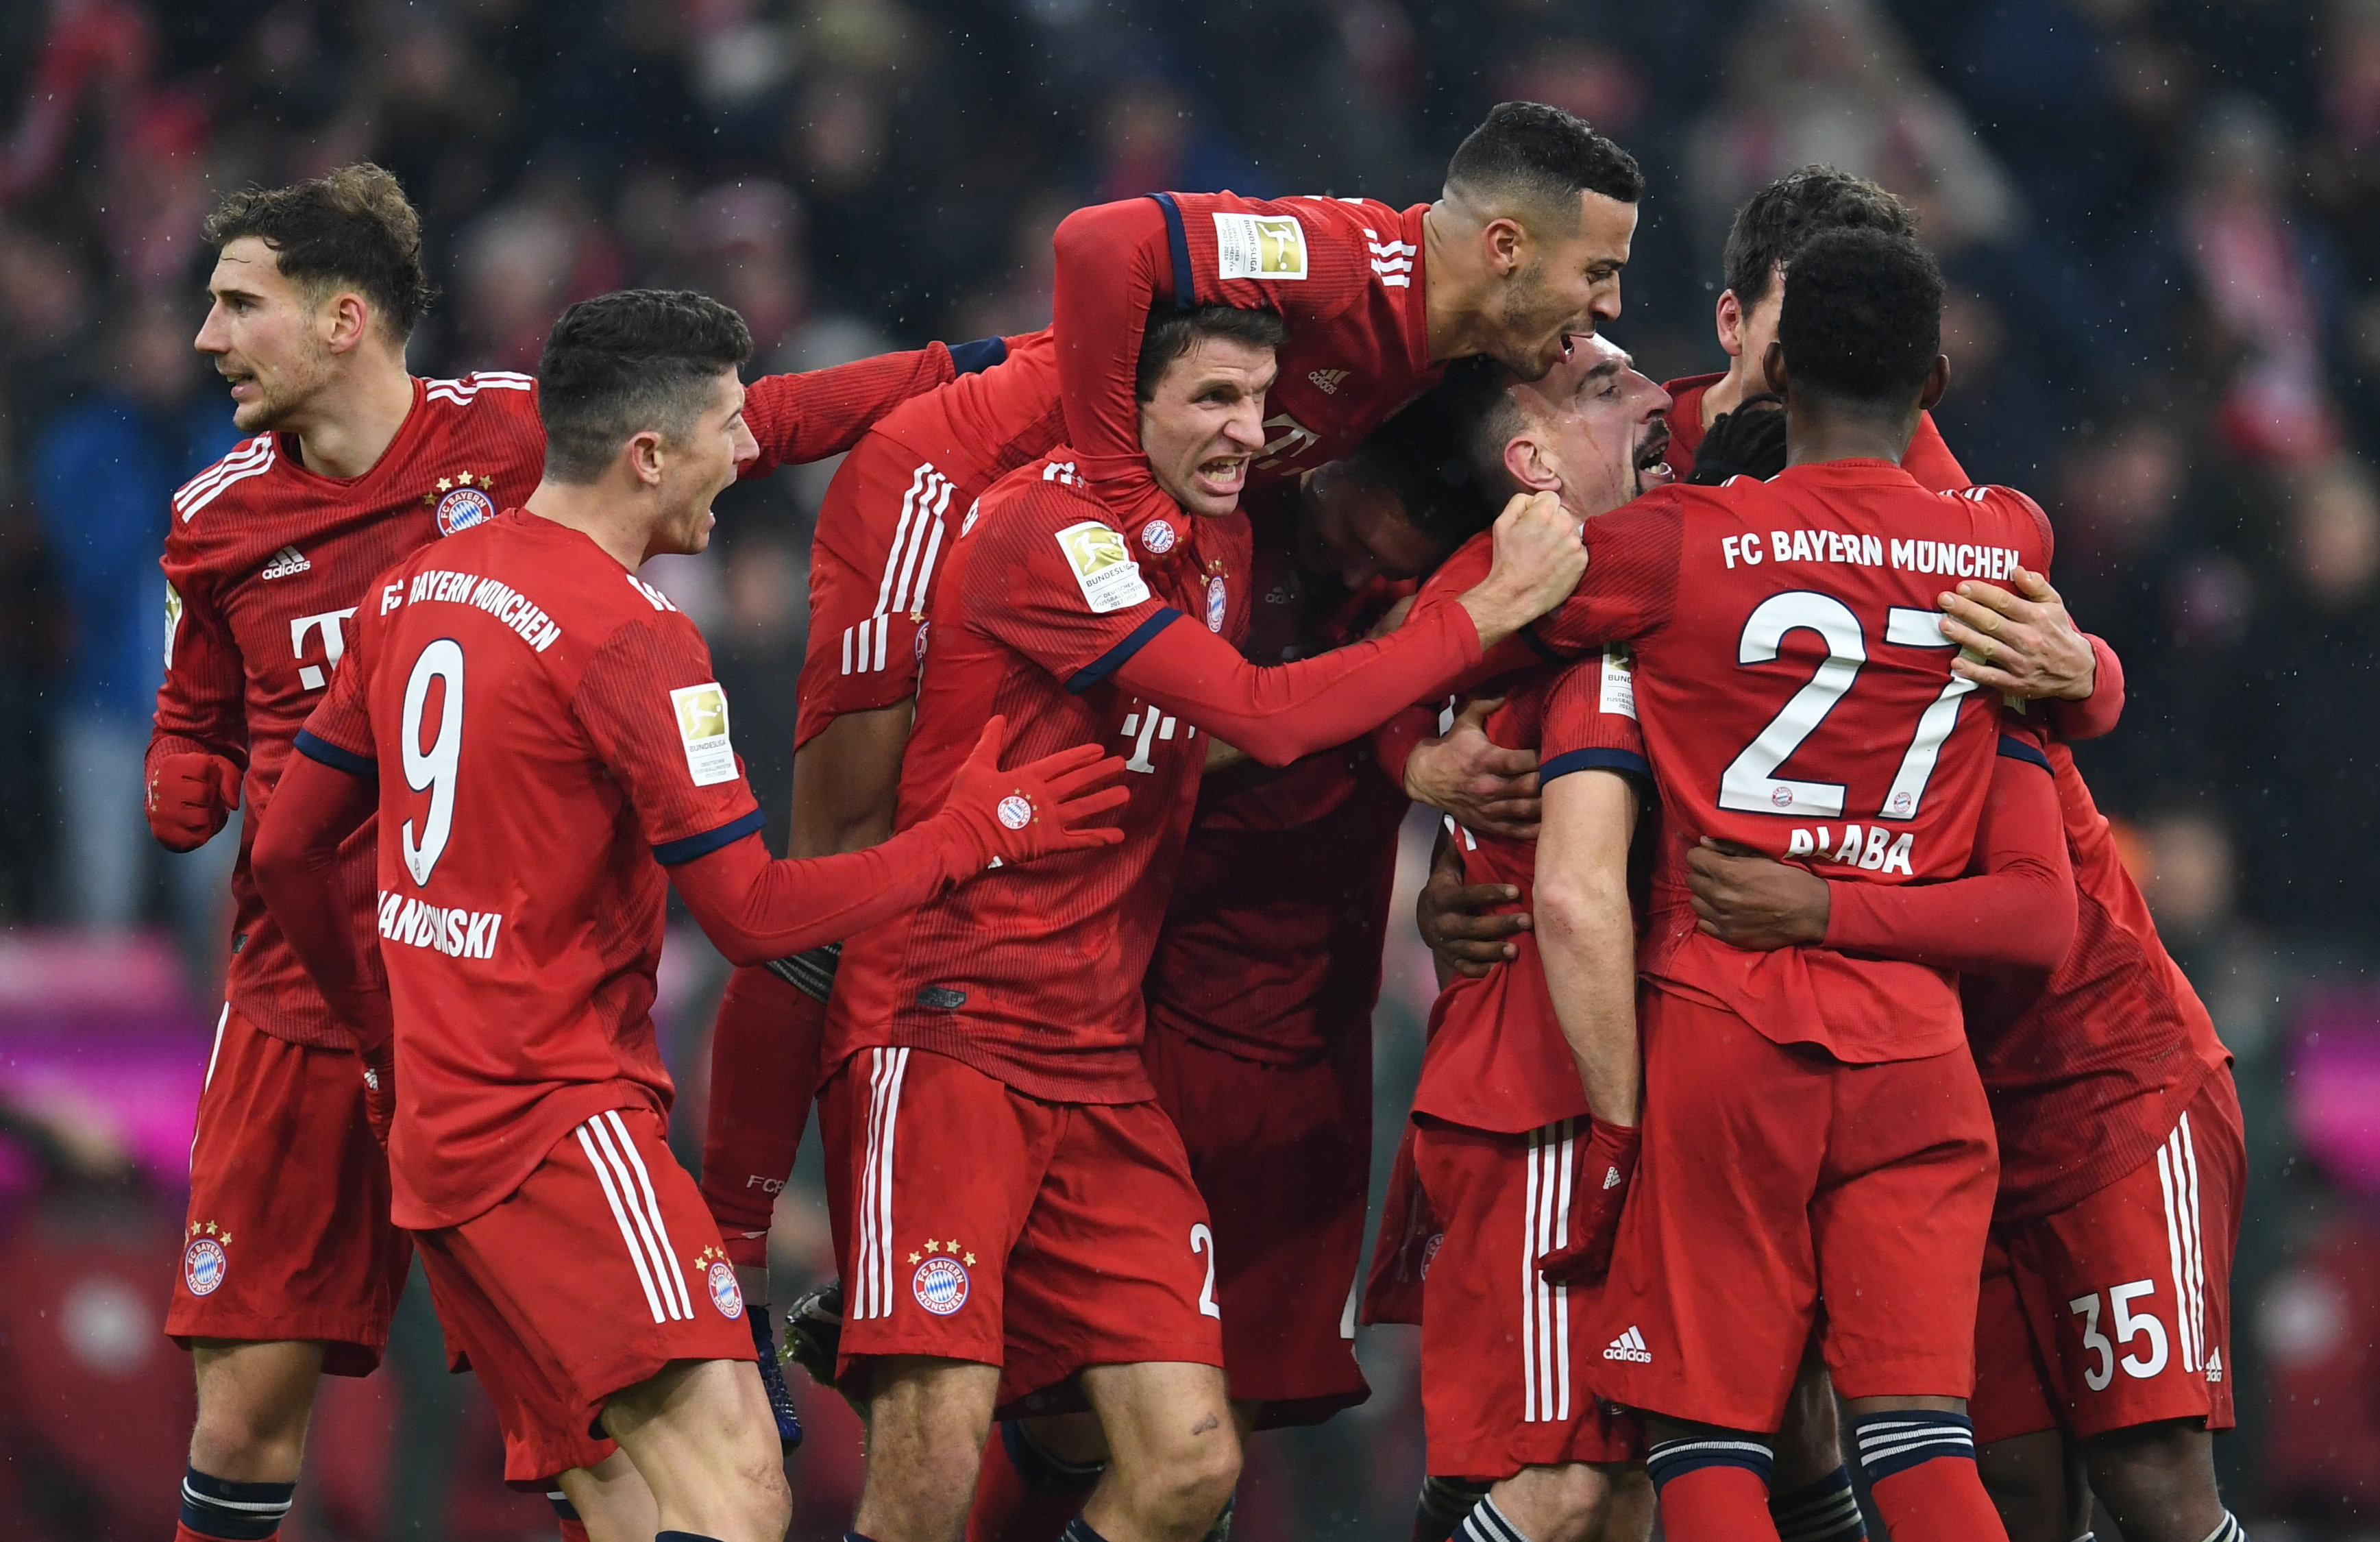 En fotos: Bayern Munich obtuvo valioso triunfo y le acorta distancia al líder en Bundesliga